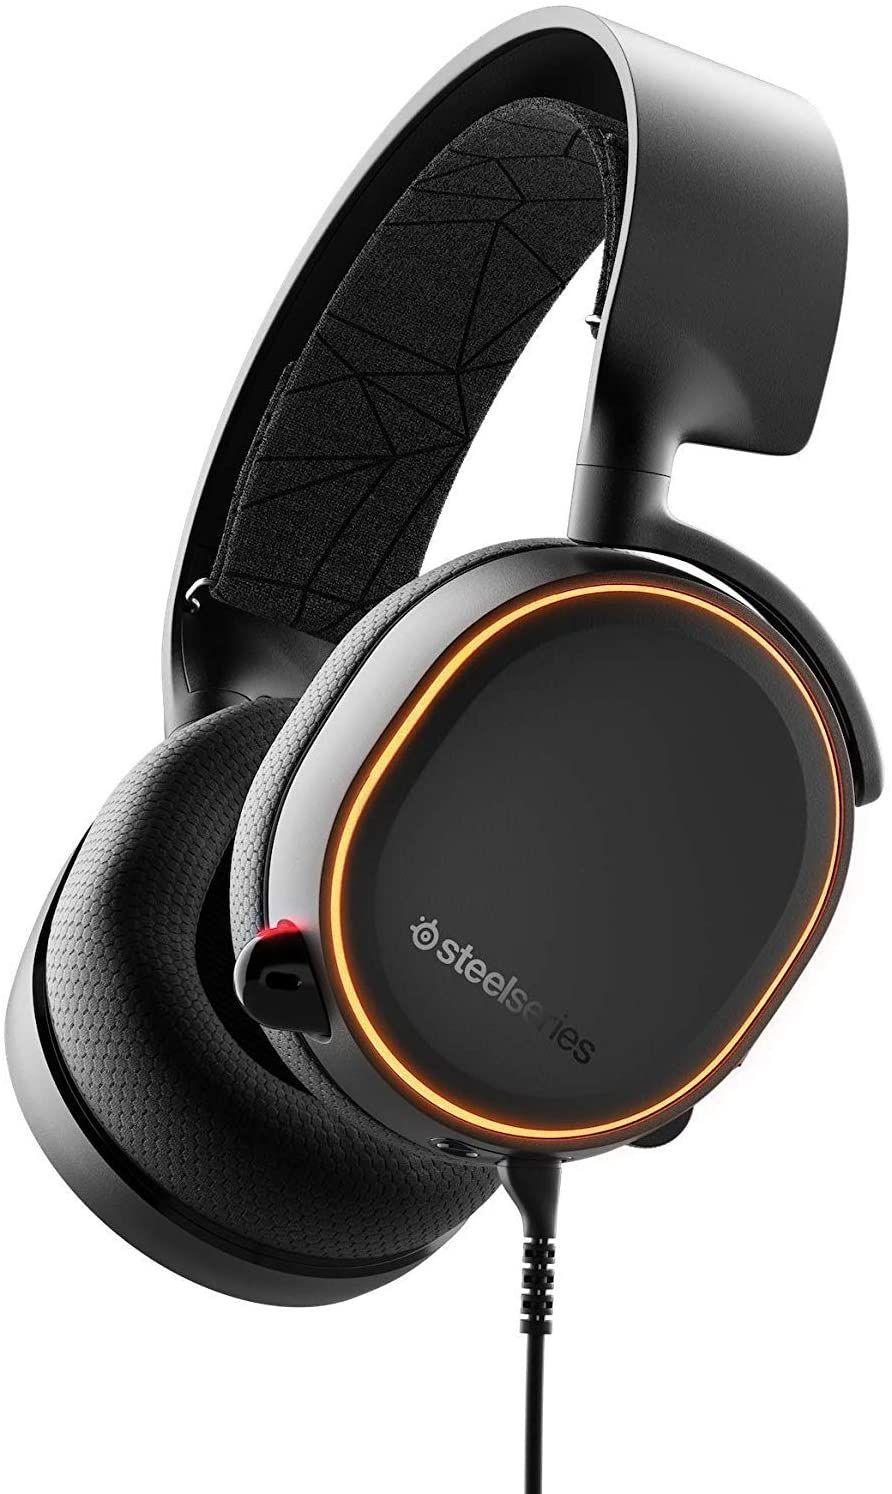 SteelSeries Arctis 5 Over-Ear Gaming-Headset (RGB-Beleuchtung, DTS Headphone:X v2.0 Surround für PC und Playstation 4) schwarz